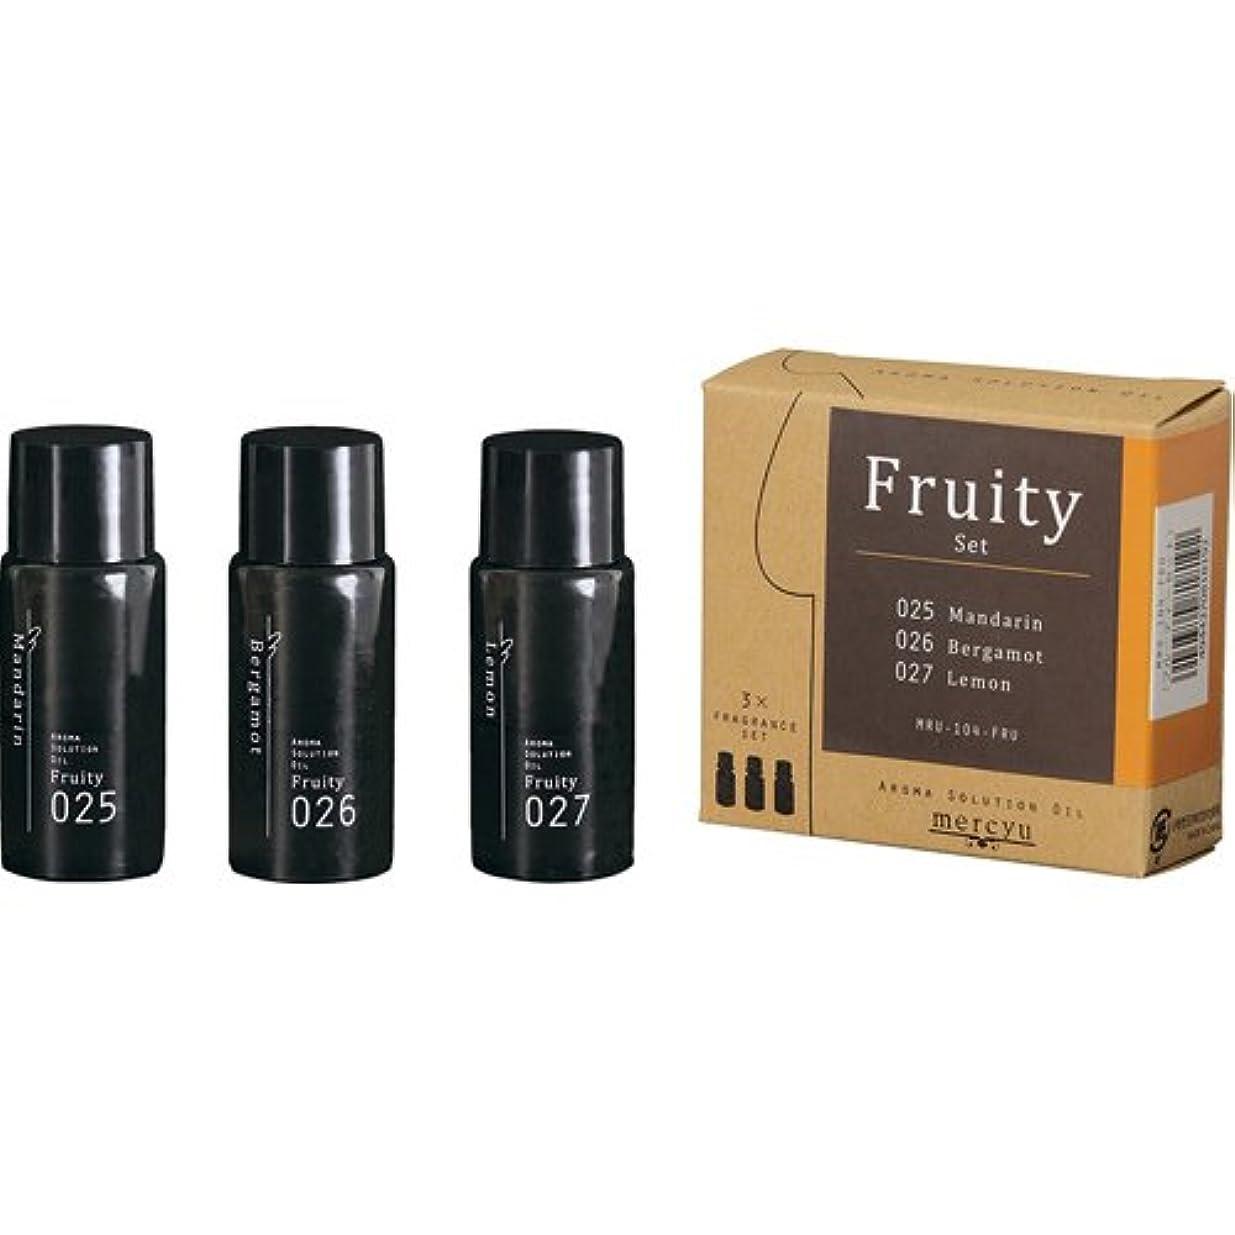 失望させる感謝祭ケーブルアロマ ソリューション オイル Fruity (025ベルガモット/026レモン/027マンダリン) MRU-104-FRU